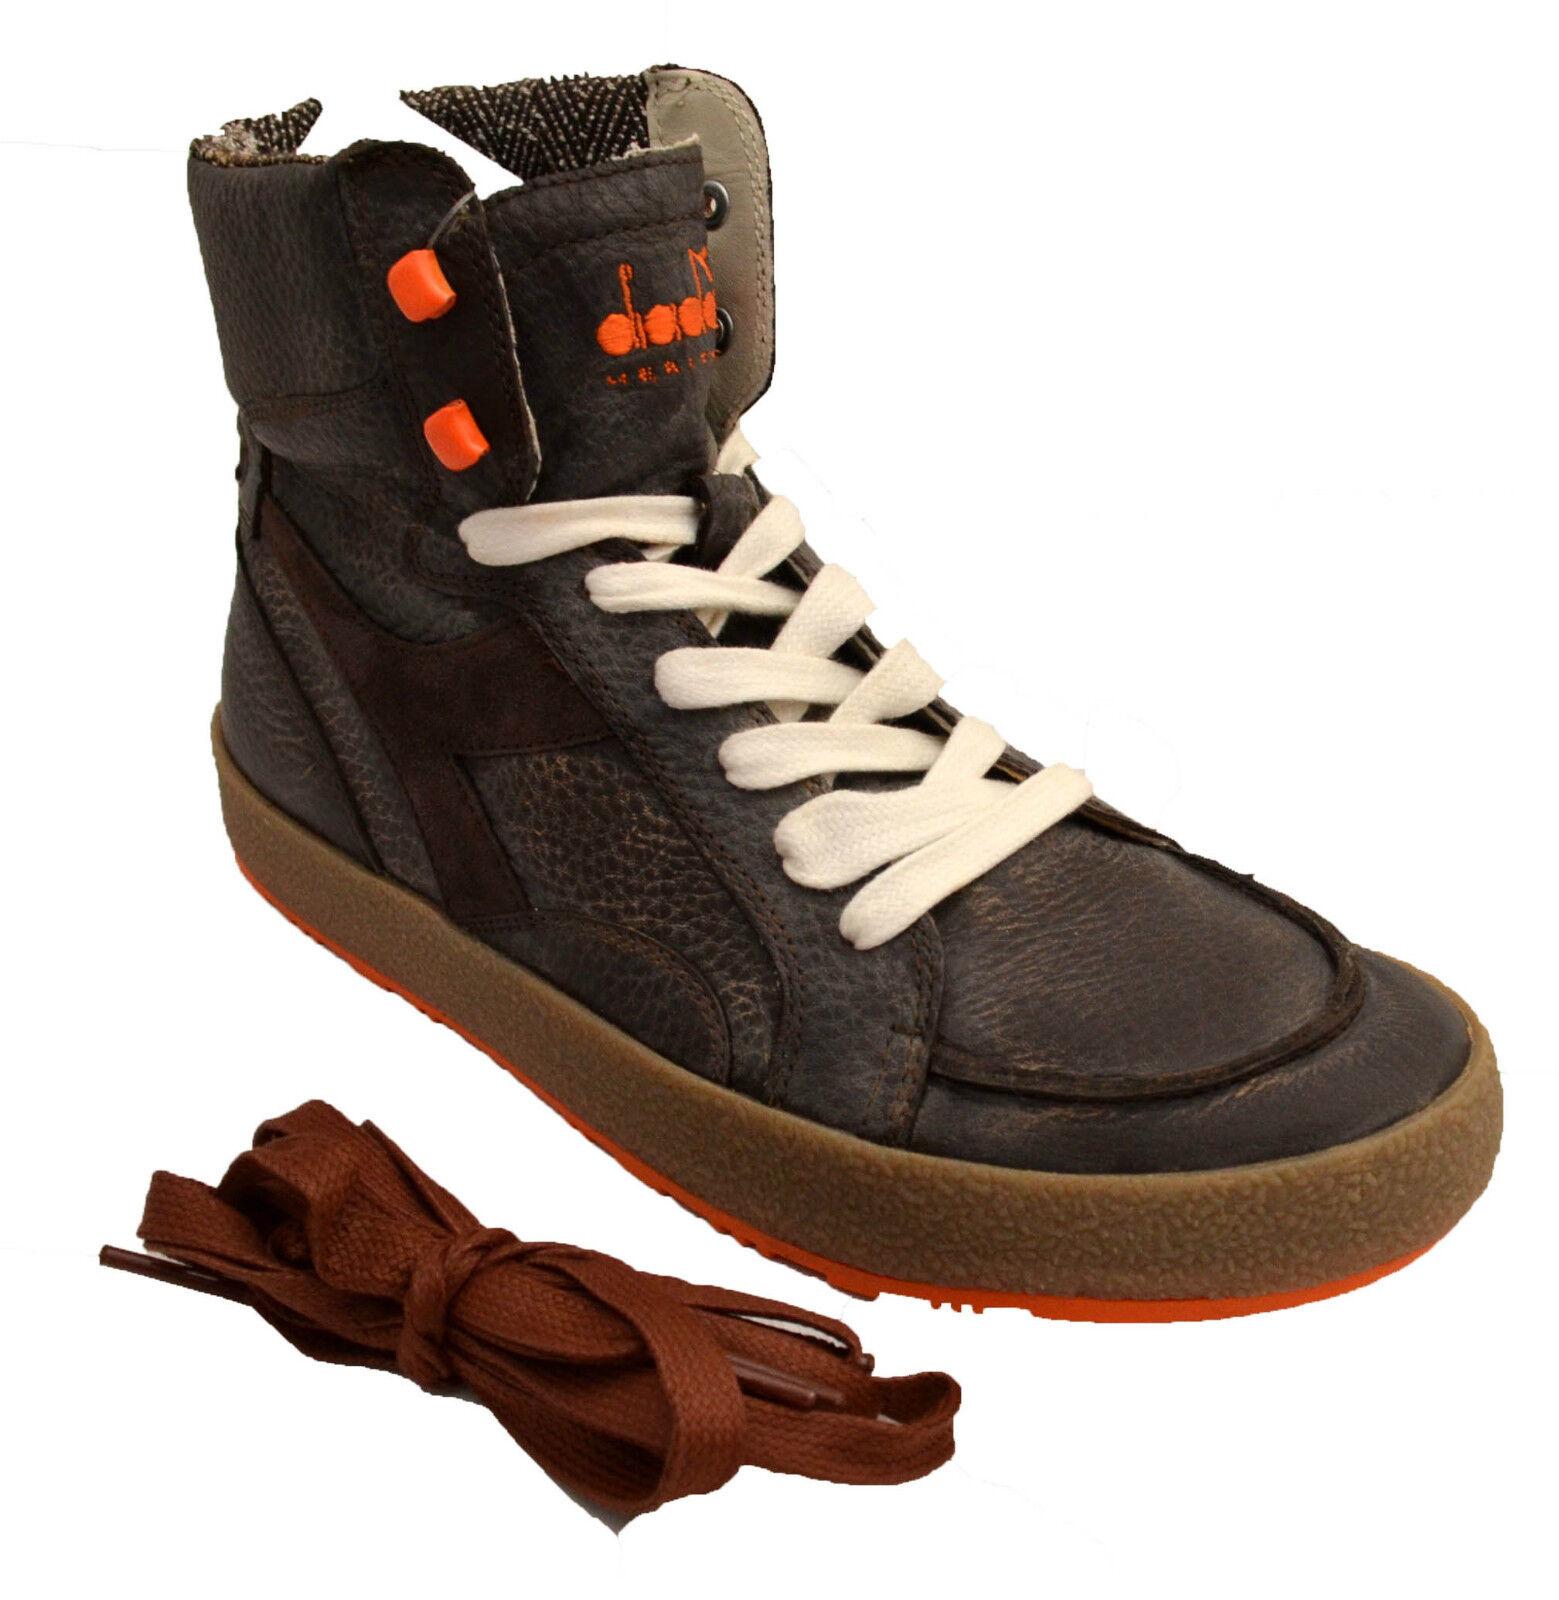 Diadora Heritage shoes sneakers Pelle Vintage shoes women Women men 158919 Bak